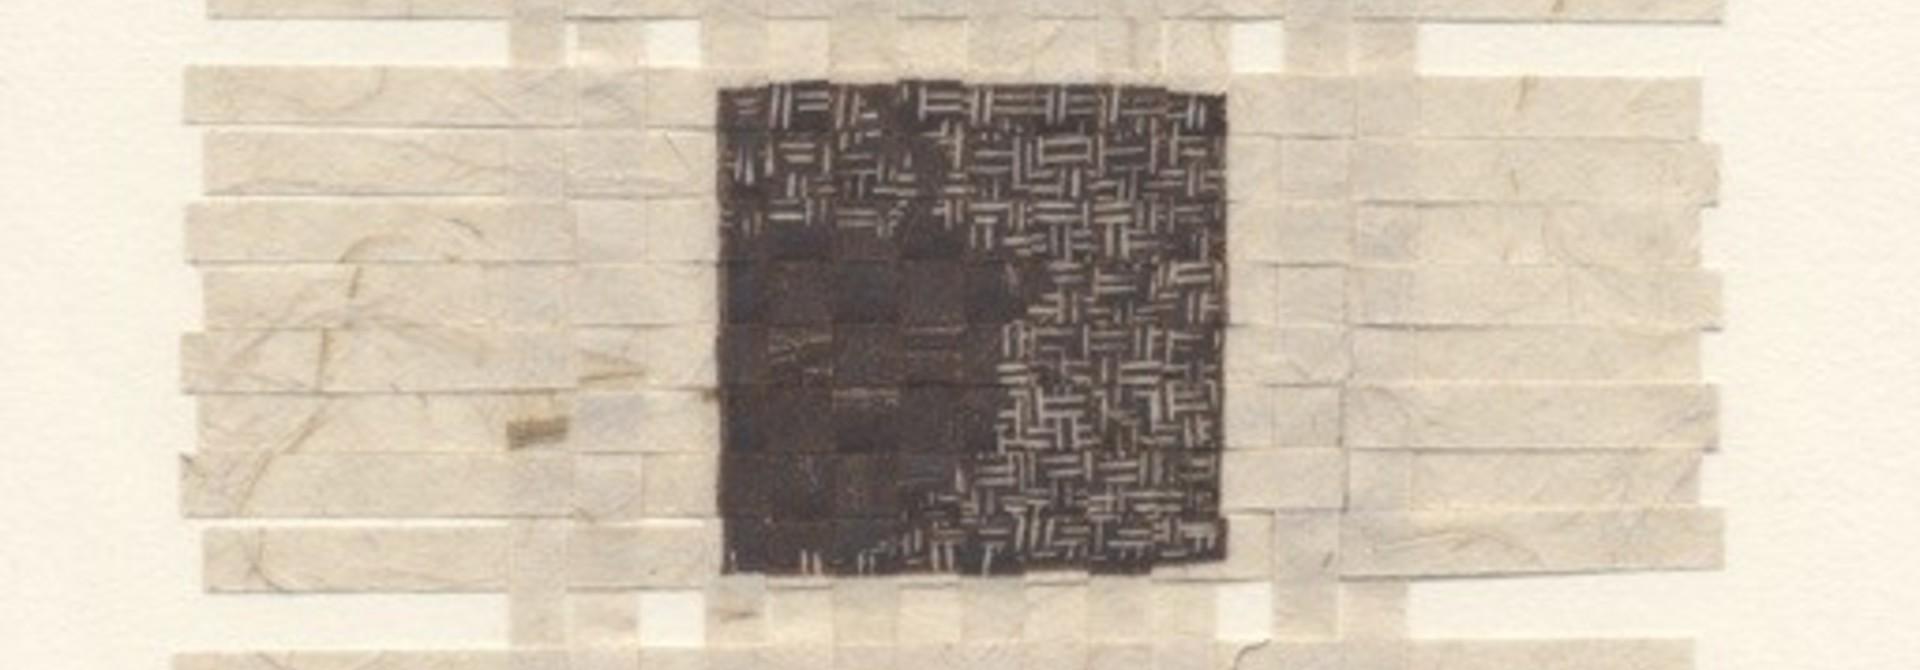 2/2 Basket In 1/1 Weave